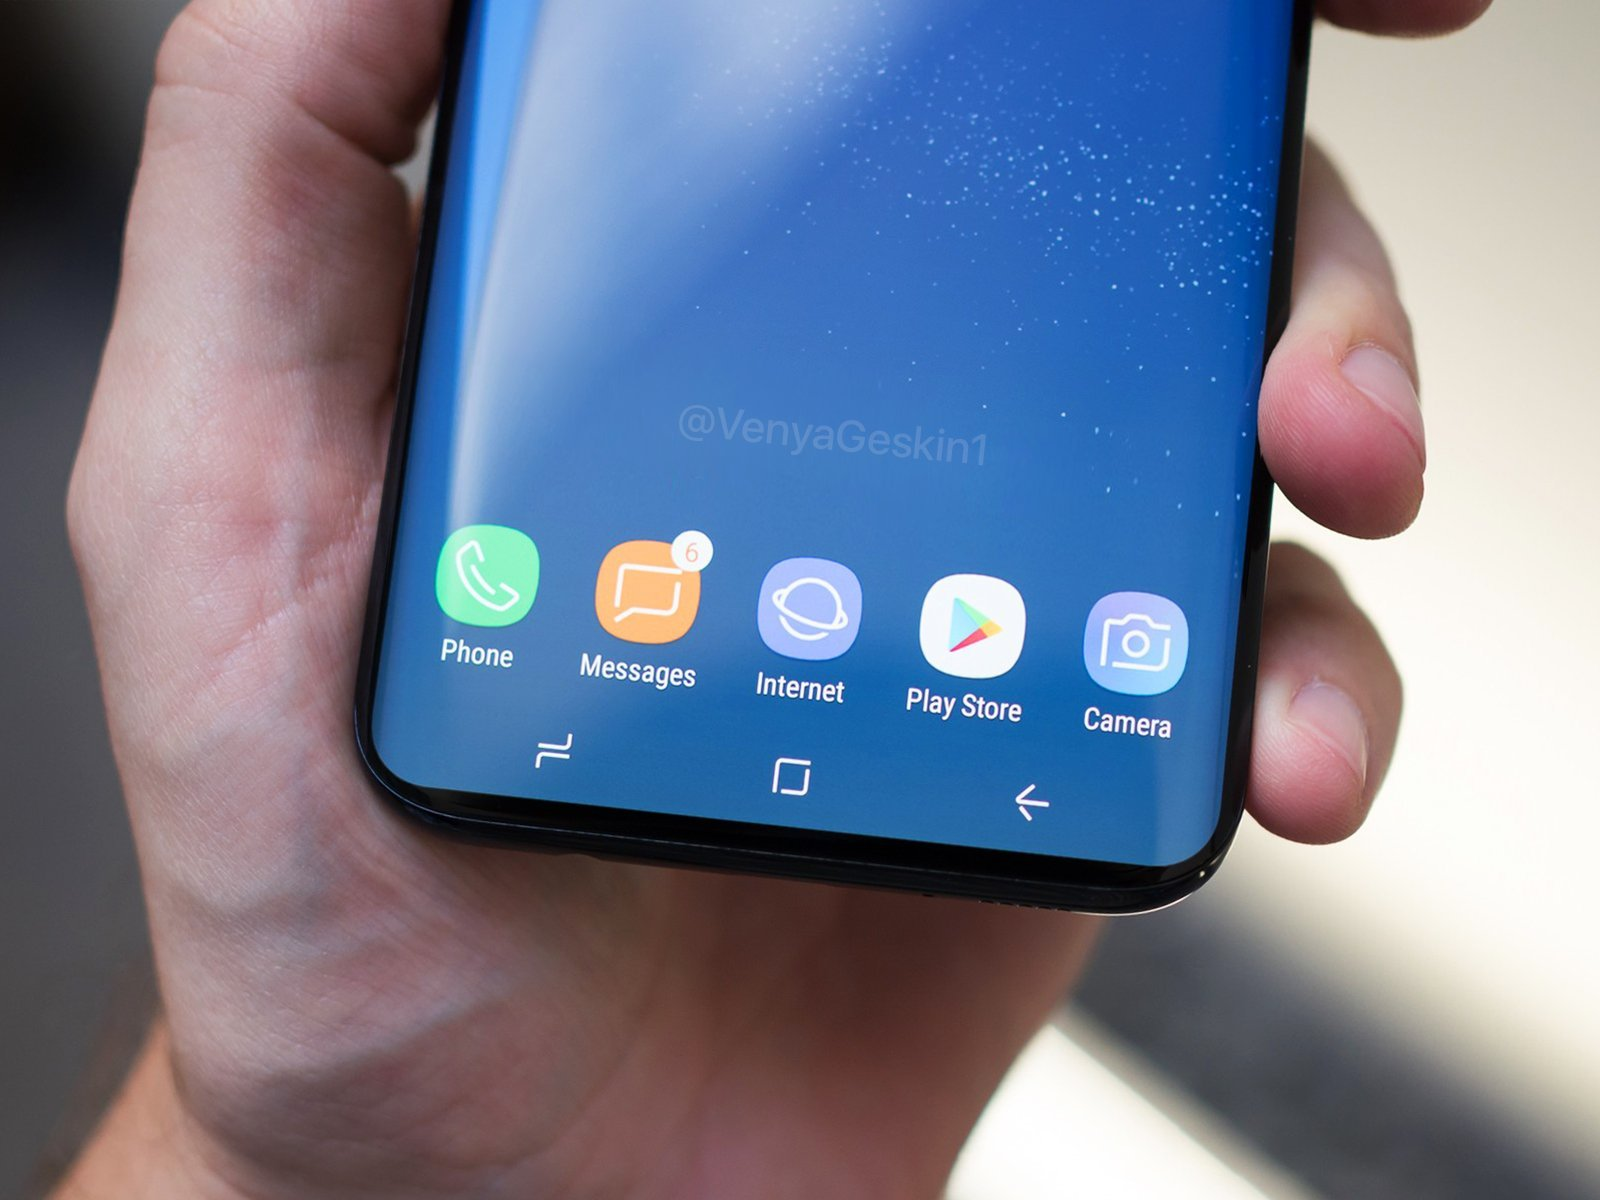 3 actualités qui ont marqué la semaine: Samsung Galaxy S9, Free vs TF1 et Honor 9 Lite